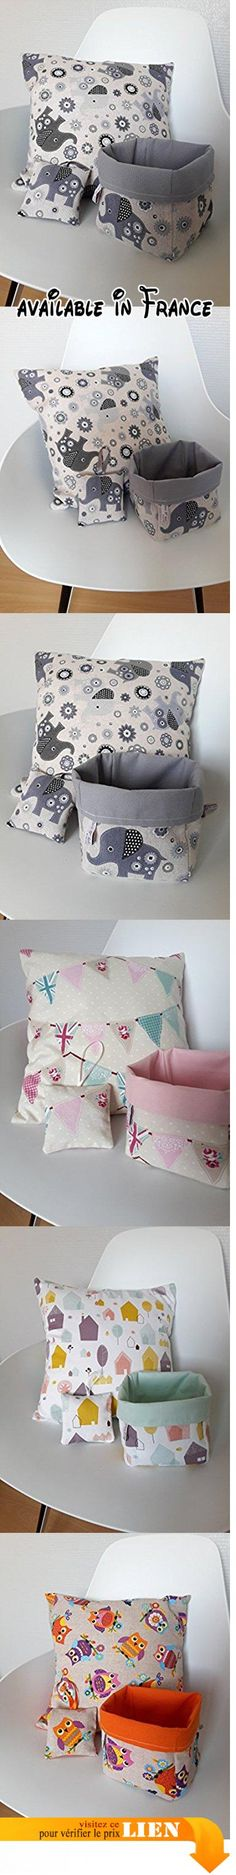 Ensemble de décoration pour chambre d'enfant, aux motifs d'éléphants gris sur fond couleur taupe clair.  #Guild Product #GUILD_HOME